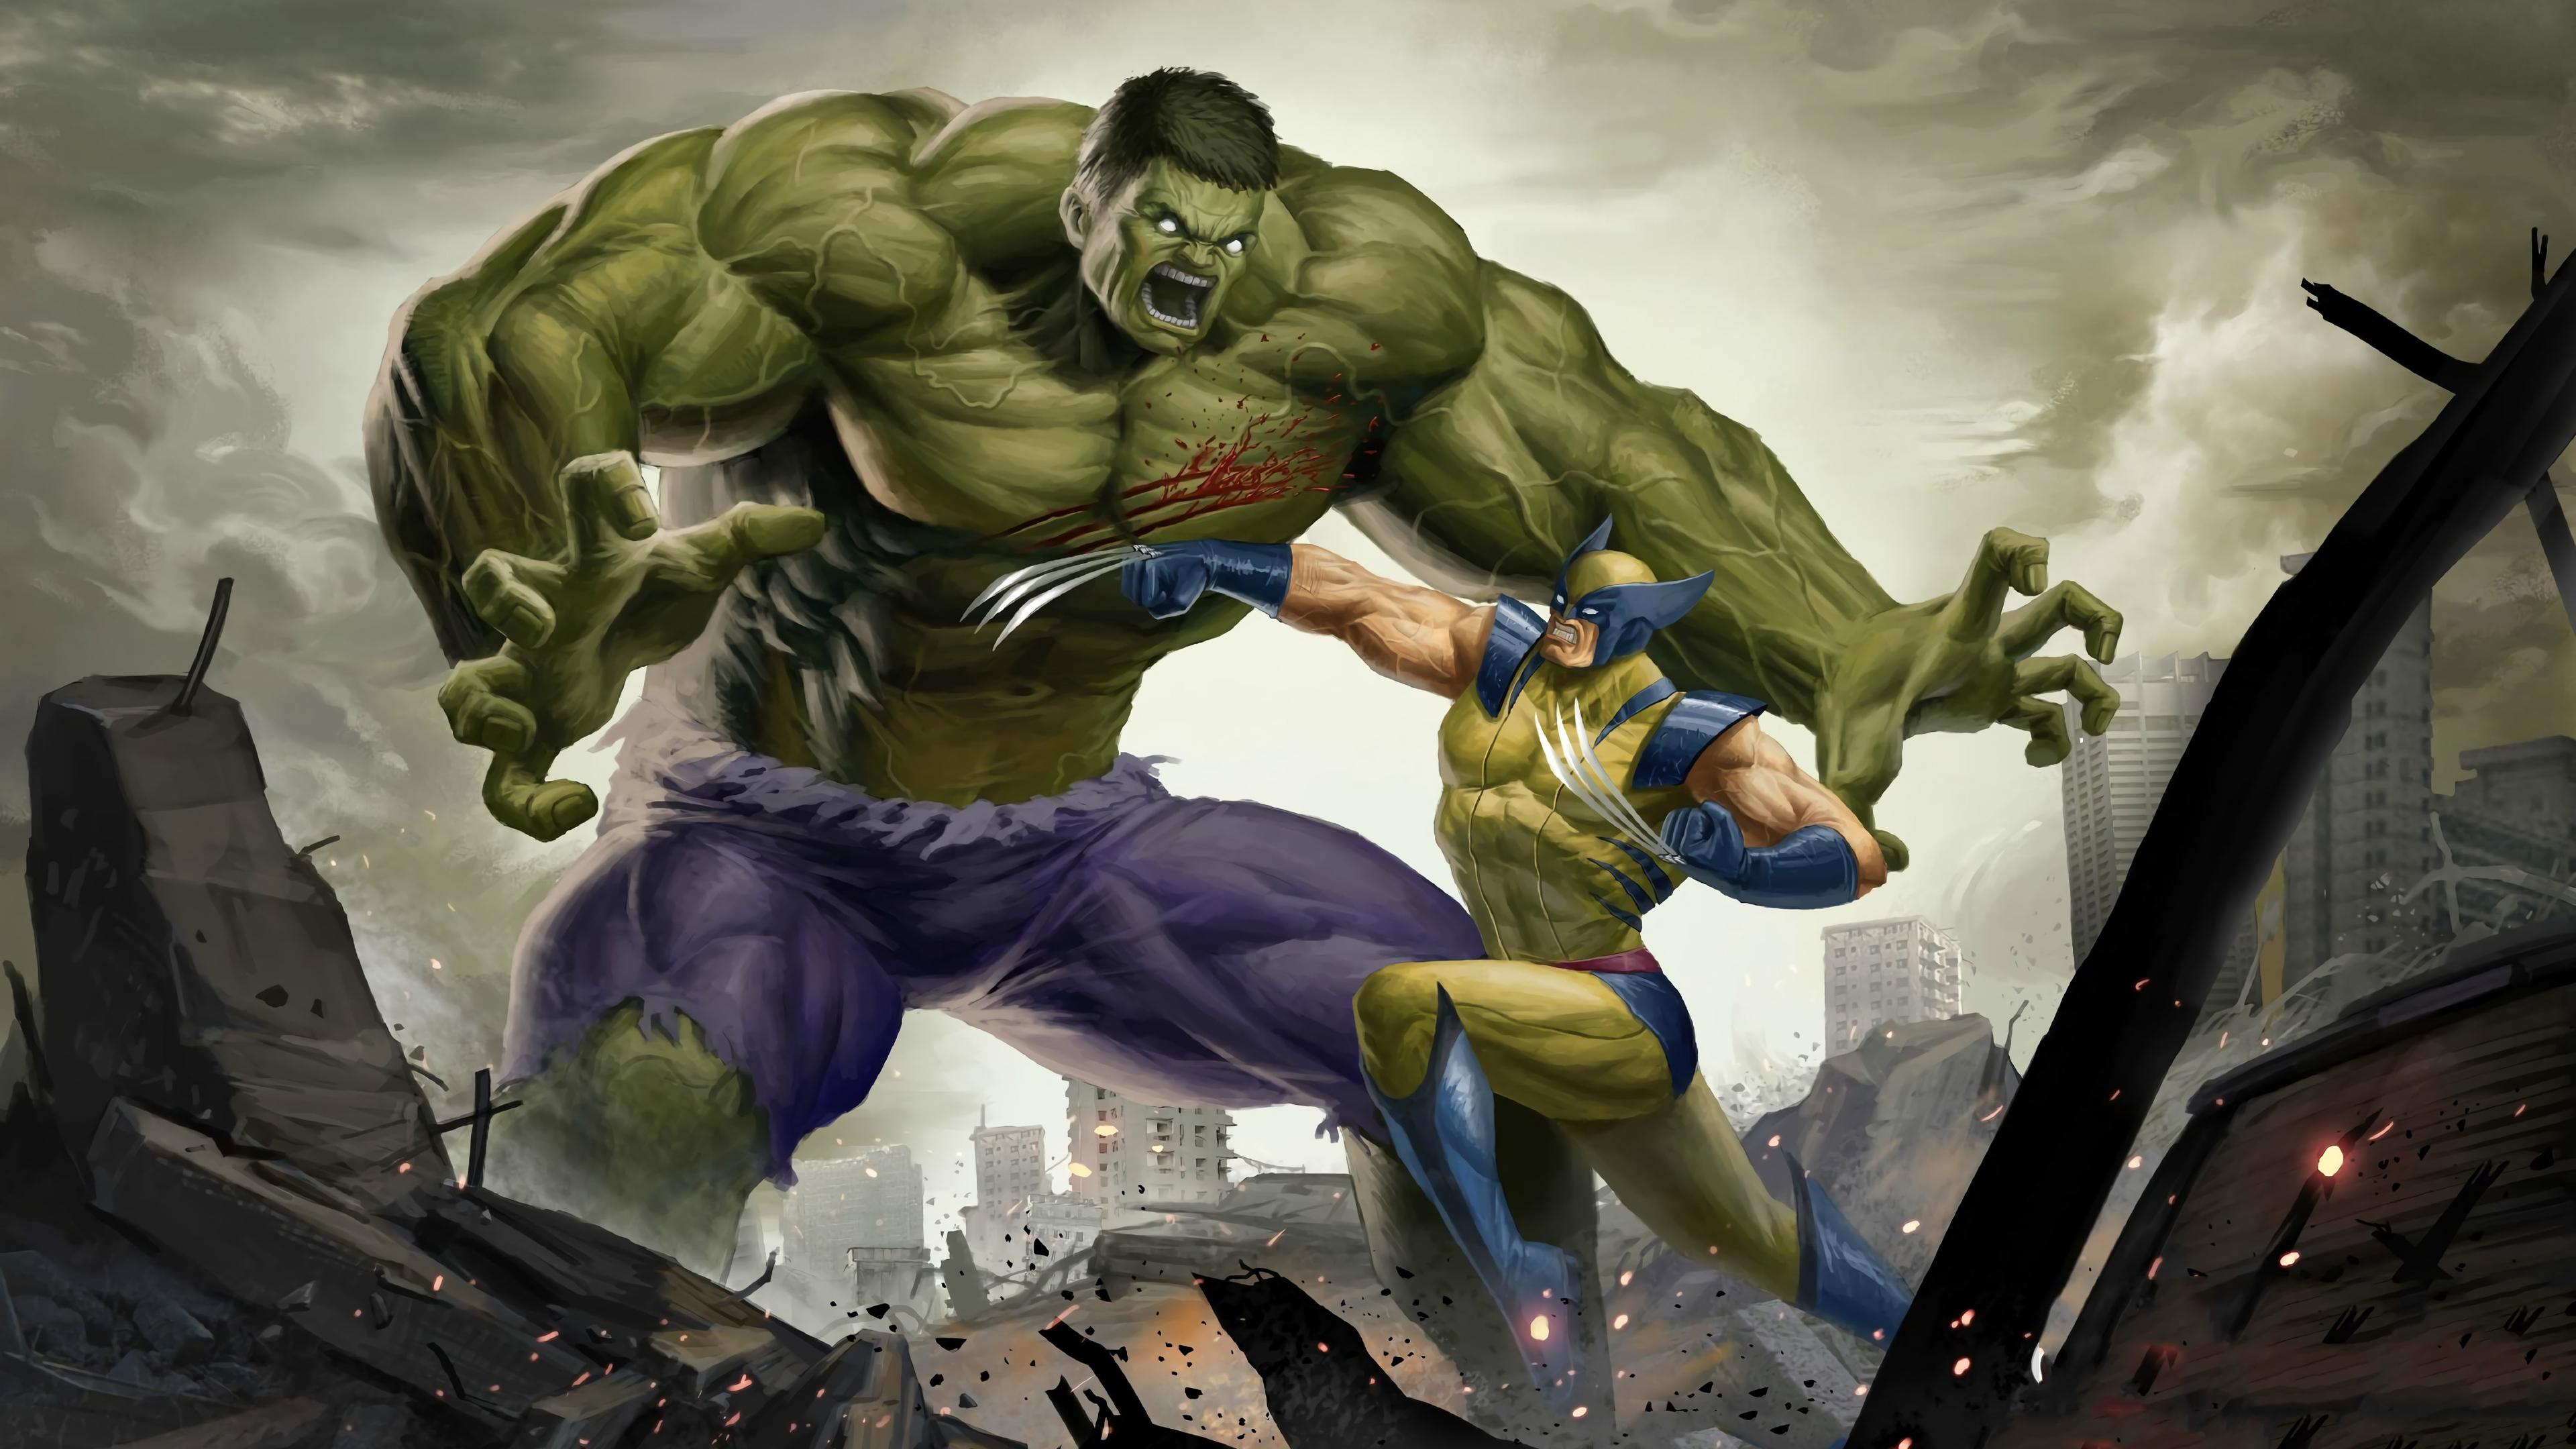 Wallpaper 4k Art Hulk Vs Wolverine 4k Wallpapers Artwork